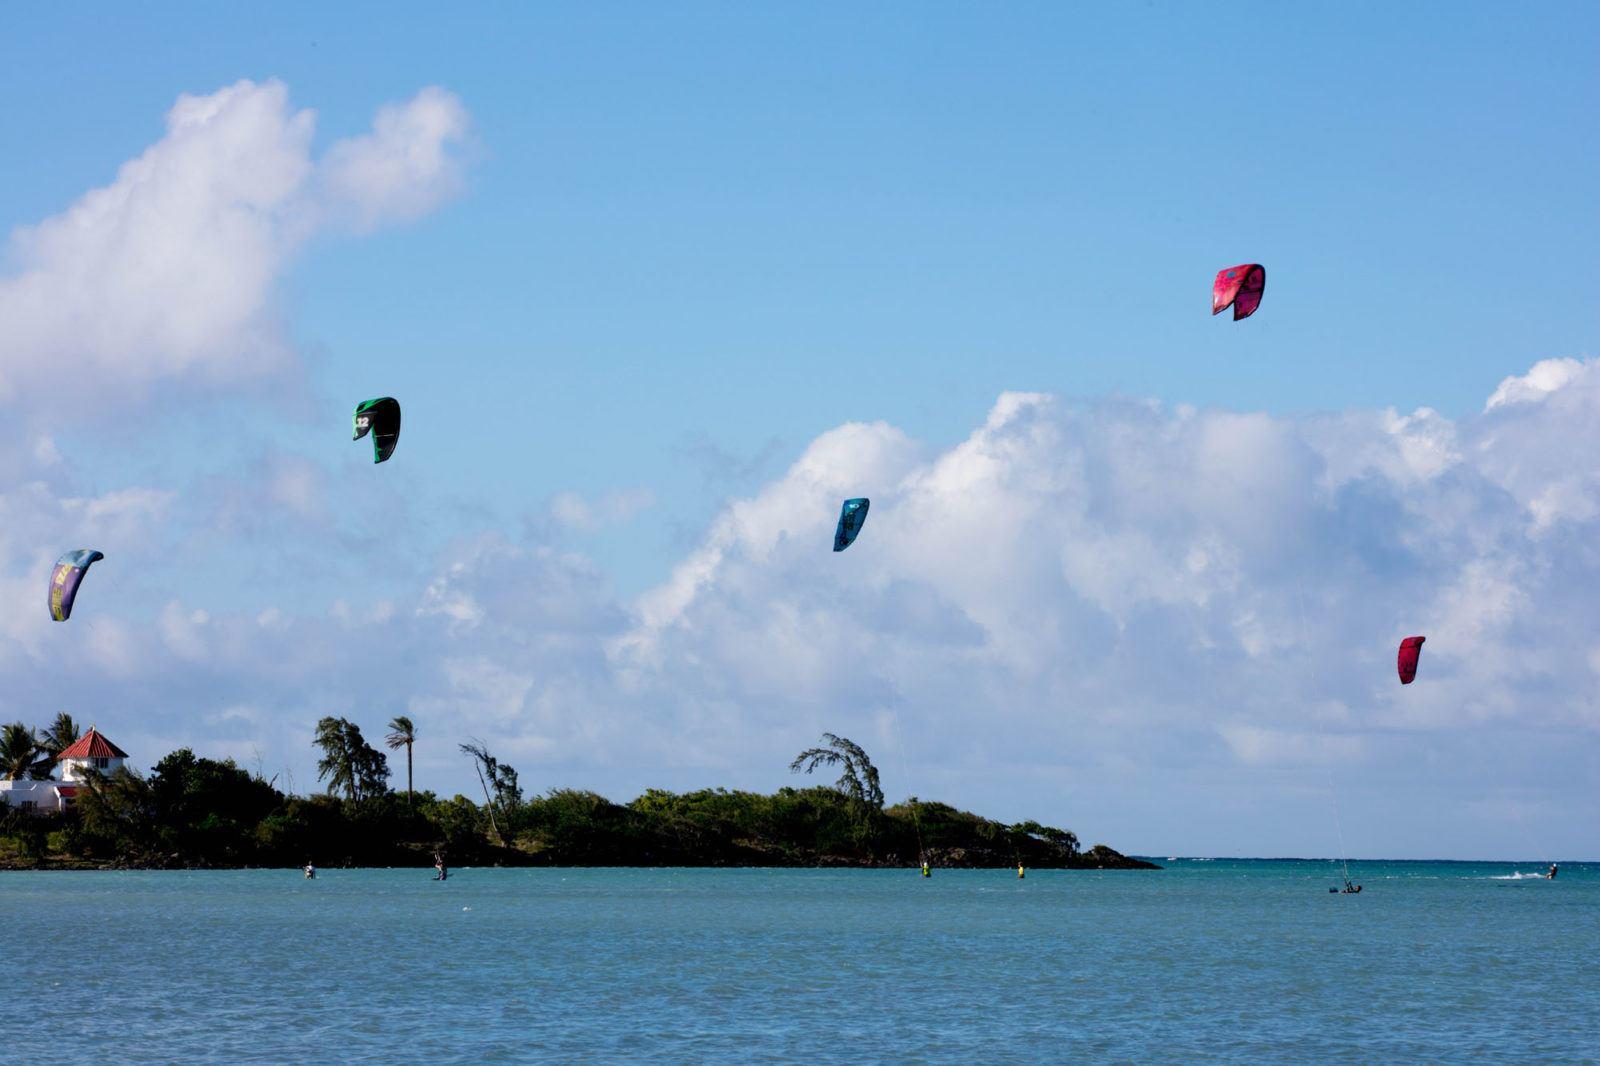 Кайтсерфинг на Маврикии Чем заняться на Маврикии Чем заняться на Маврикии – Путешествие к звезде и ключу Индийского океана Kite Surfing Mauritius 1 1600x1066